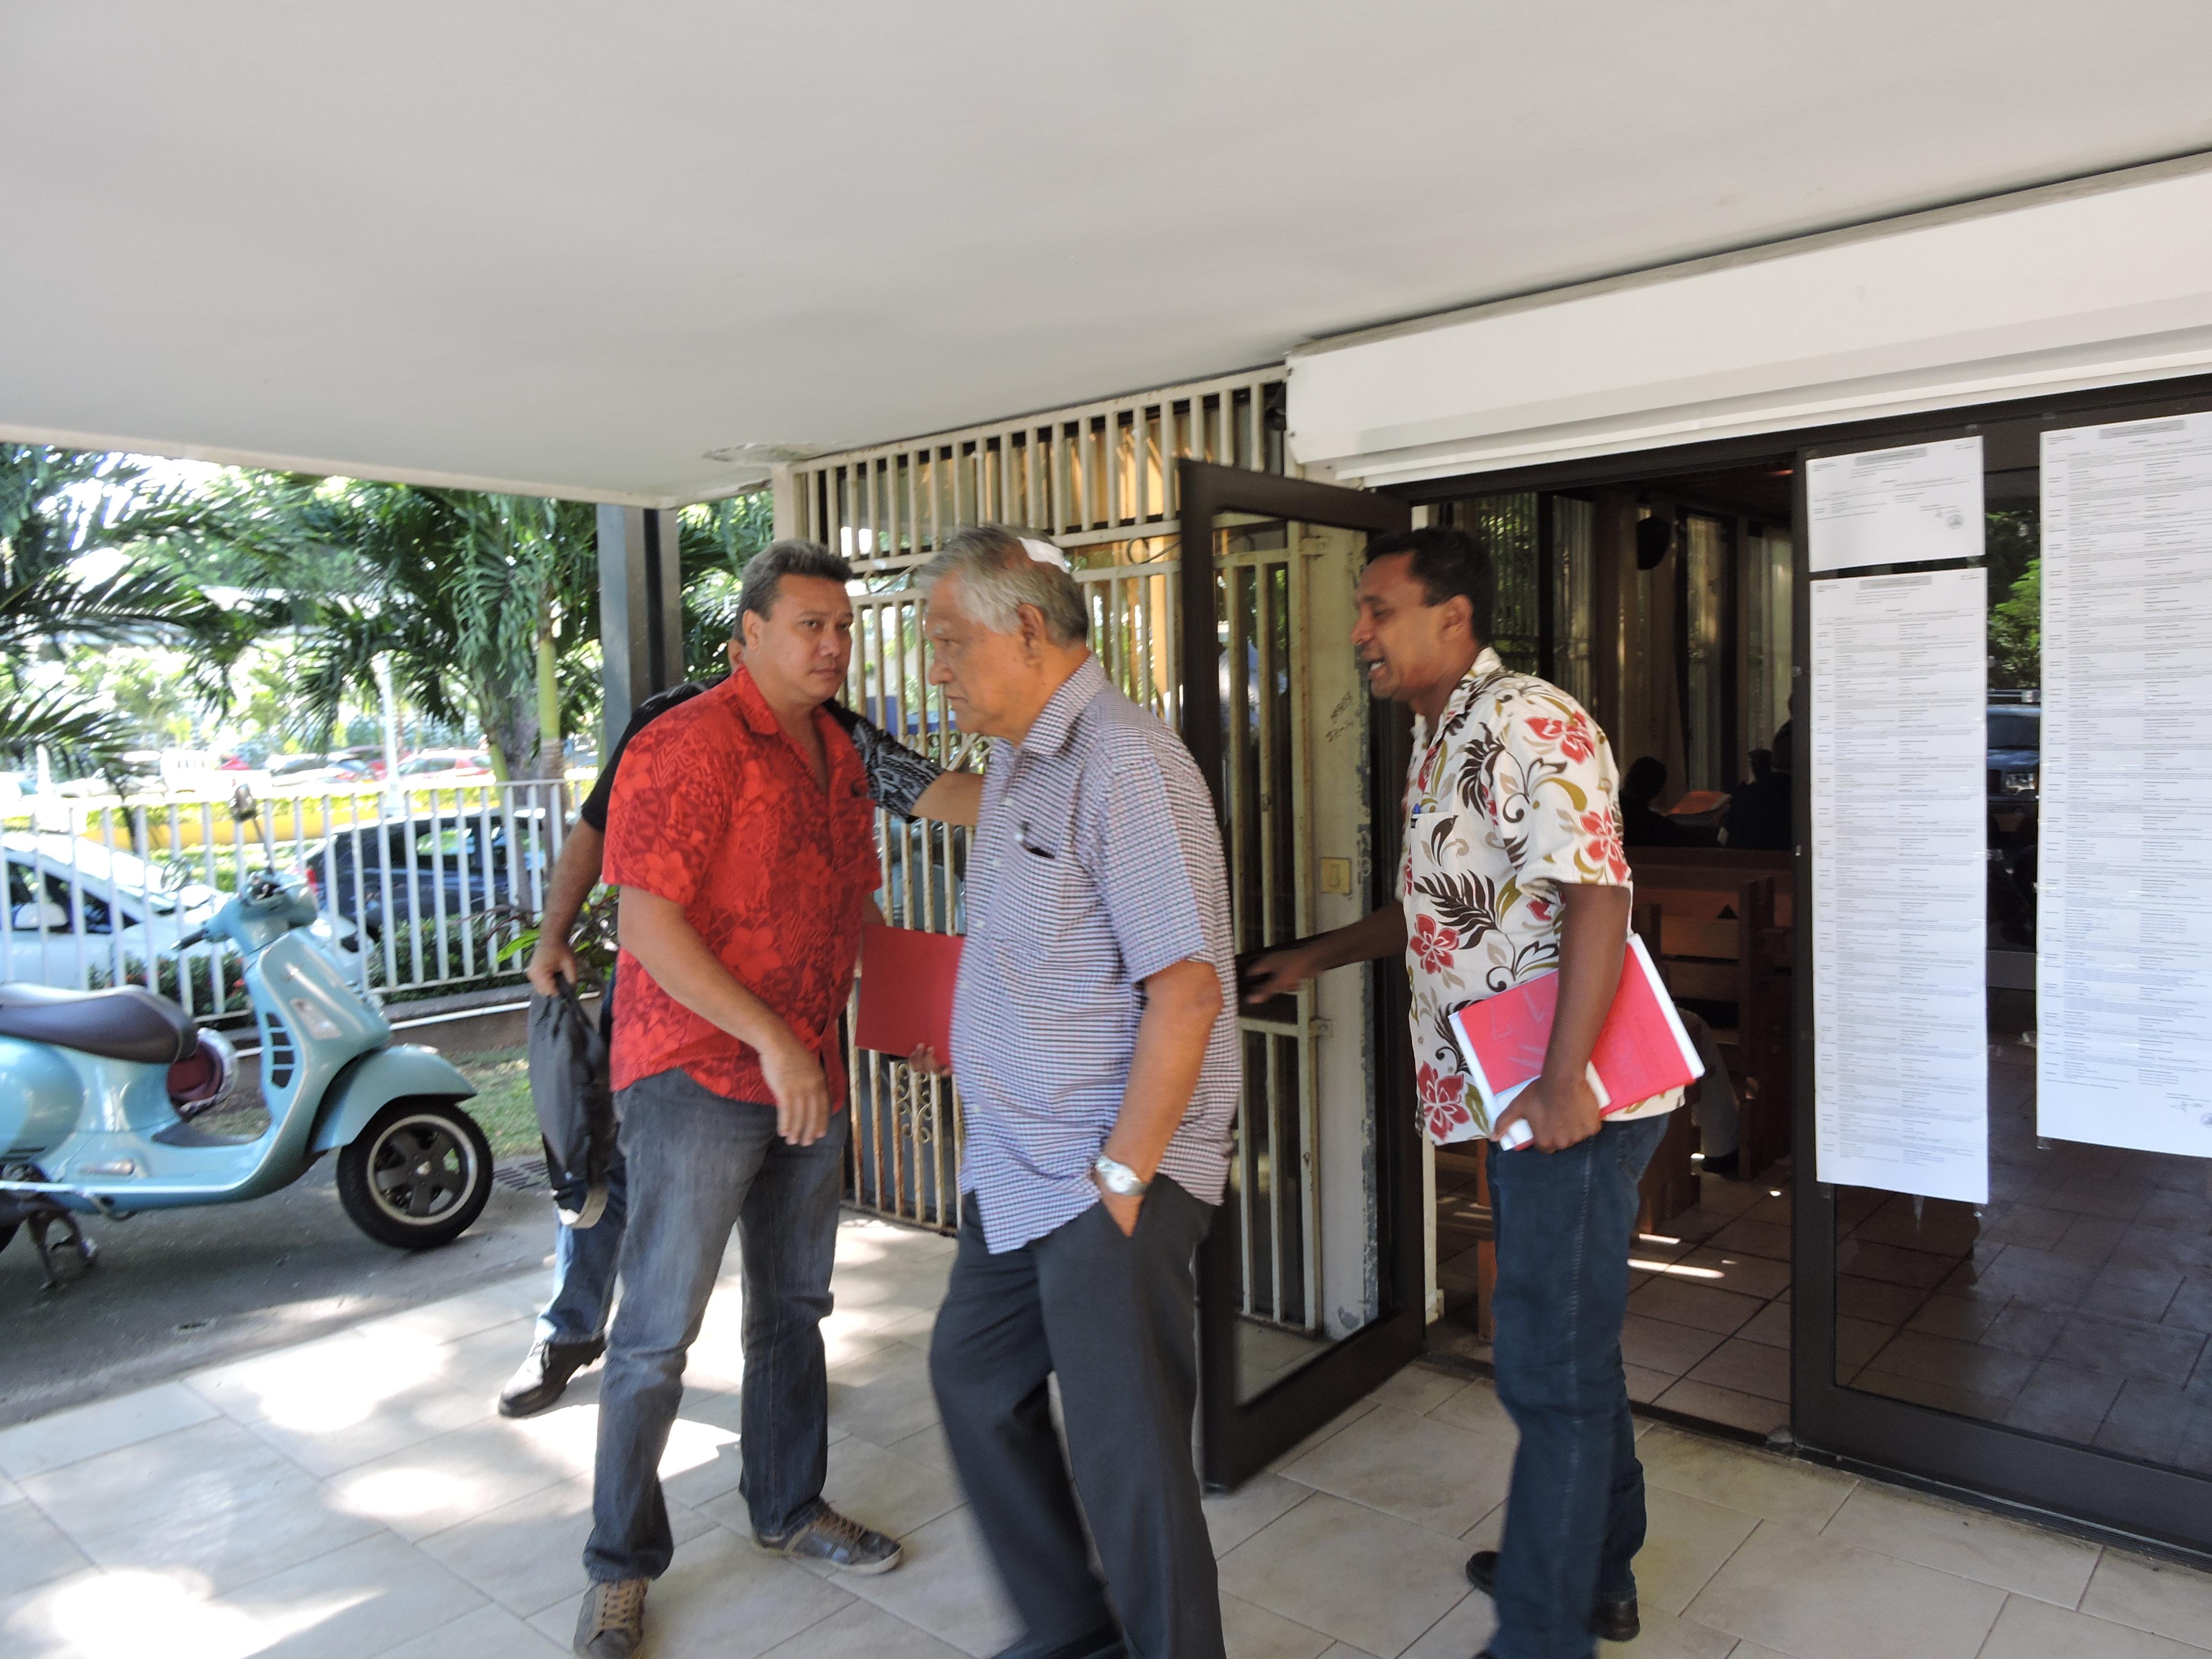 Tamatoa Doom, délégué suppléant (à gauche), a représenté Teva i Uta lors du vote de la concession de service public de l'électricité sur son secteur géographique à la société EDT-Engie.